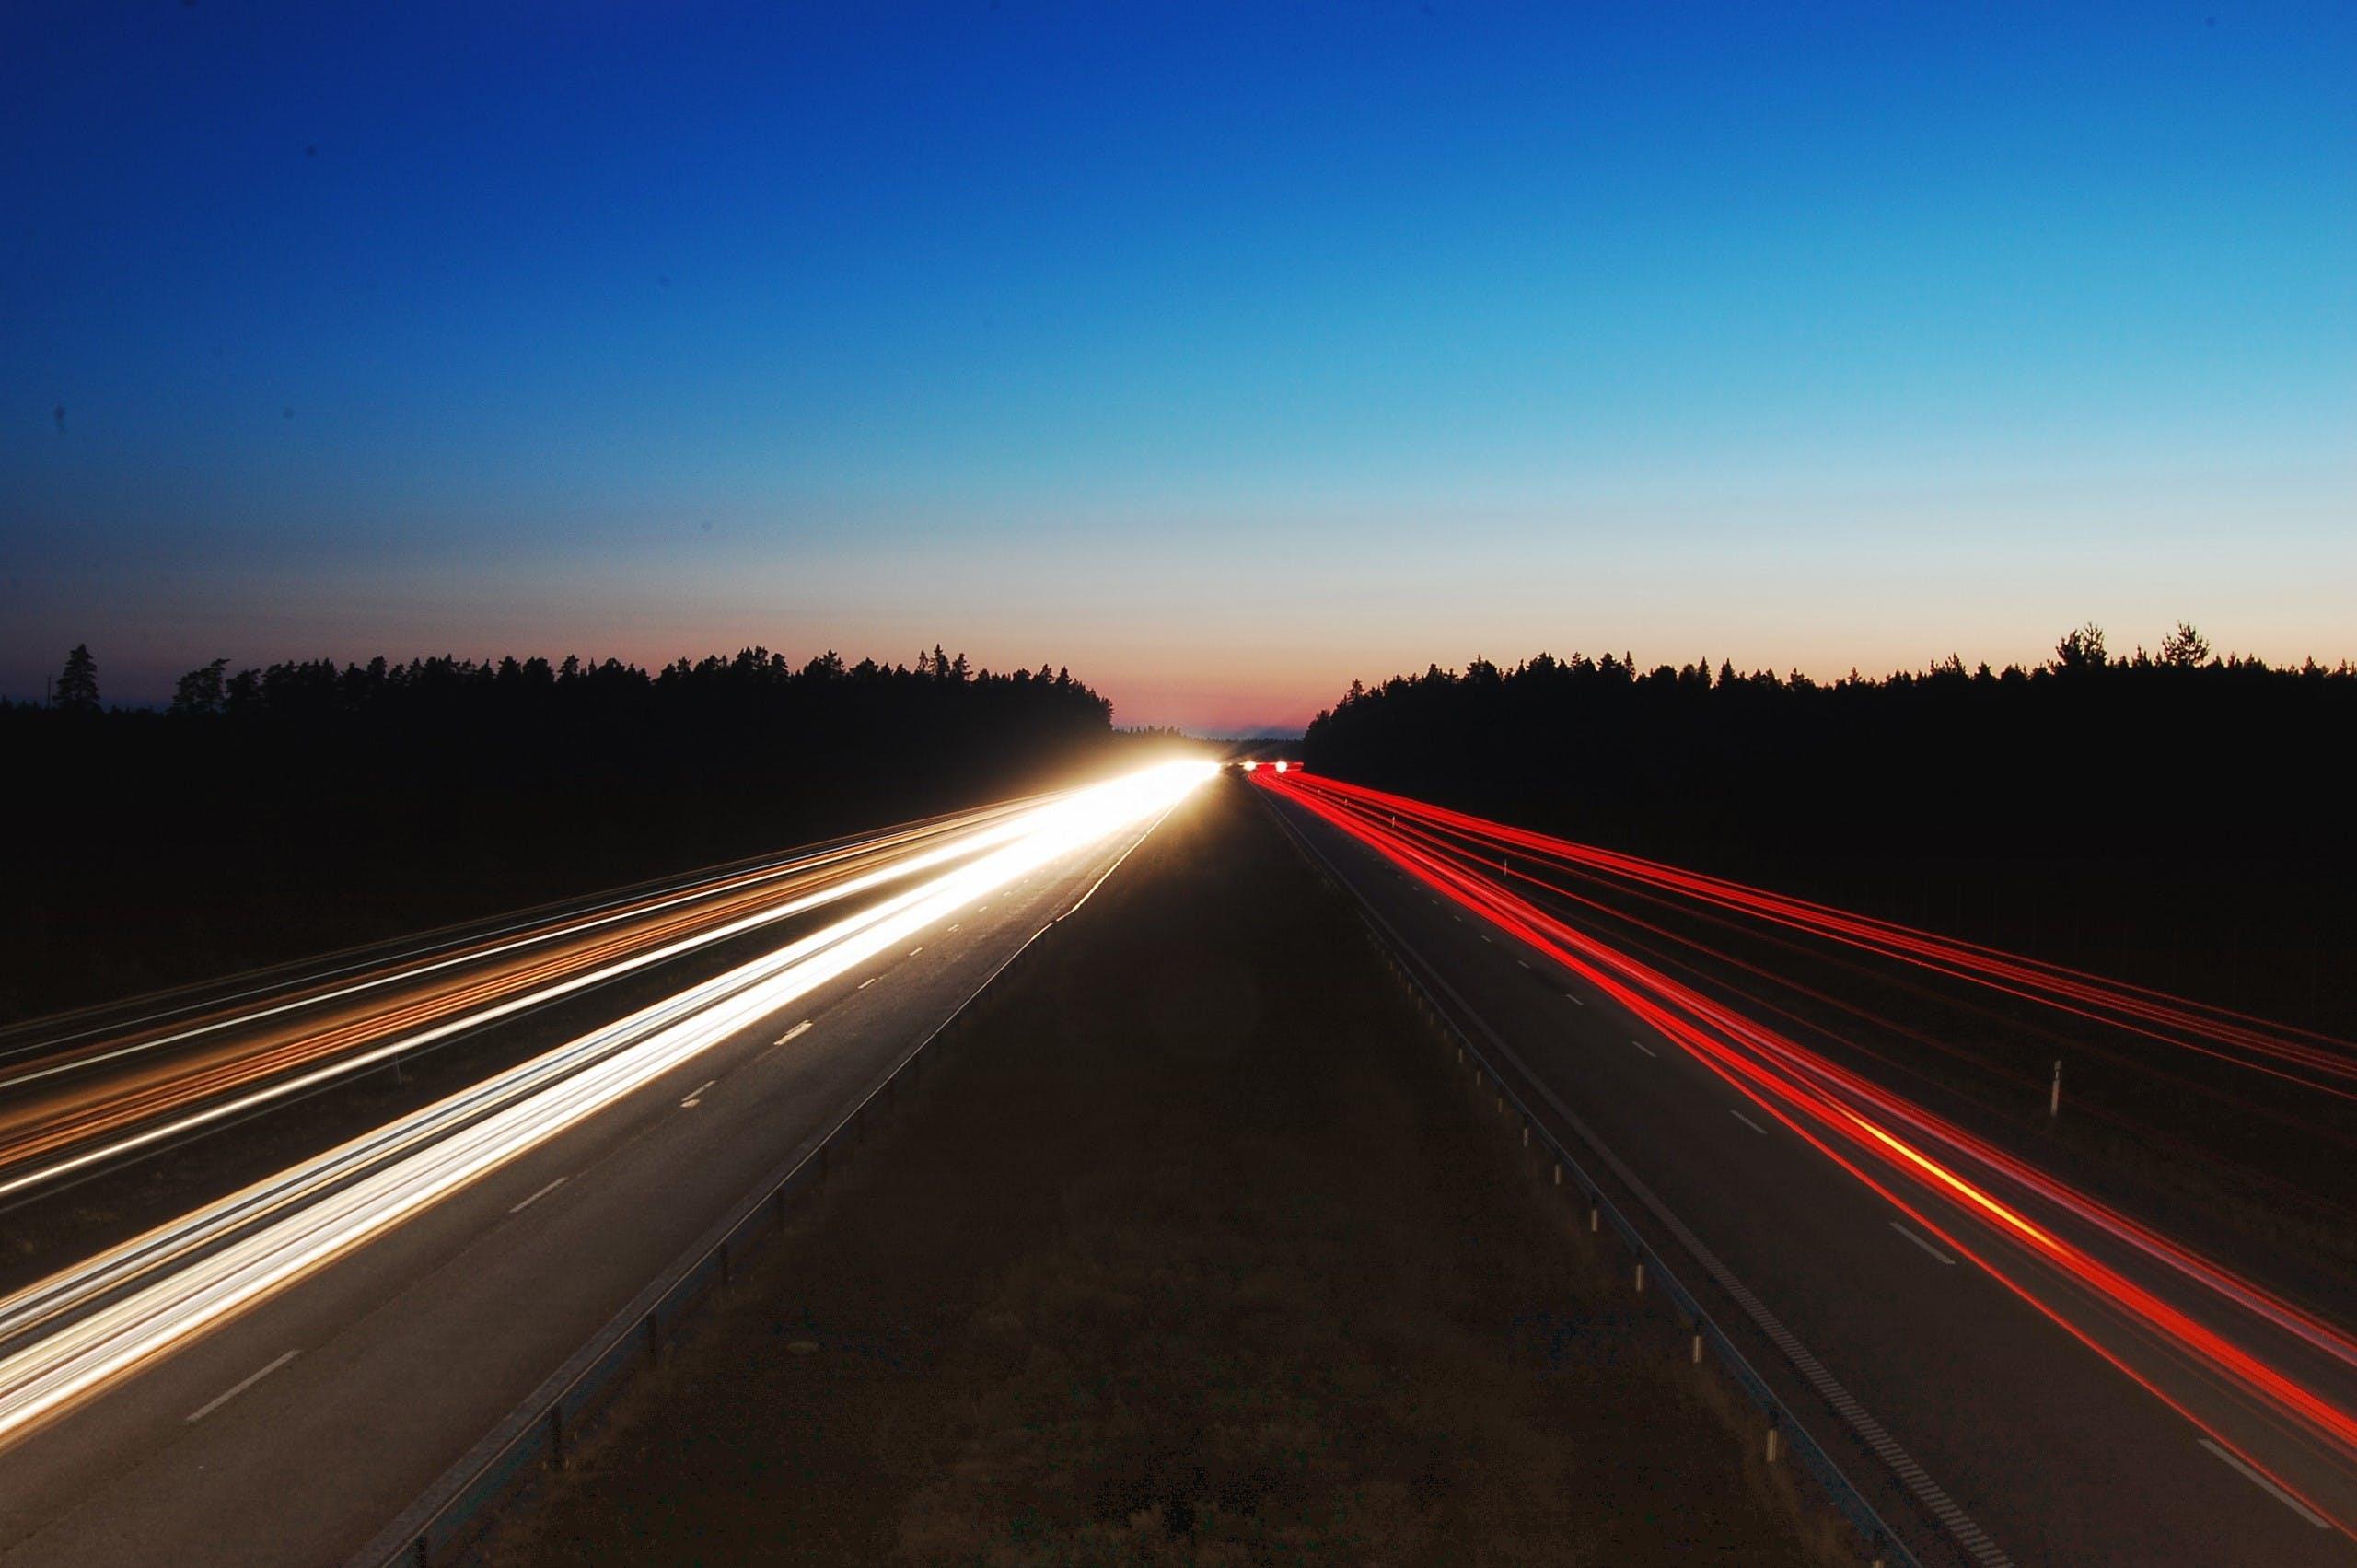 คลังภาพถ่ายฟรี ของ การจราจร, การเคลื่อนไหว, การเปิดรับแสงนาน, ความเร็ว